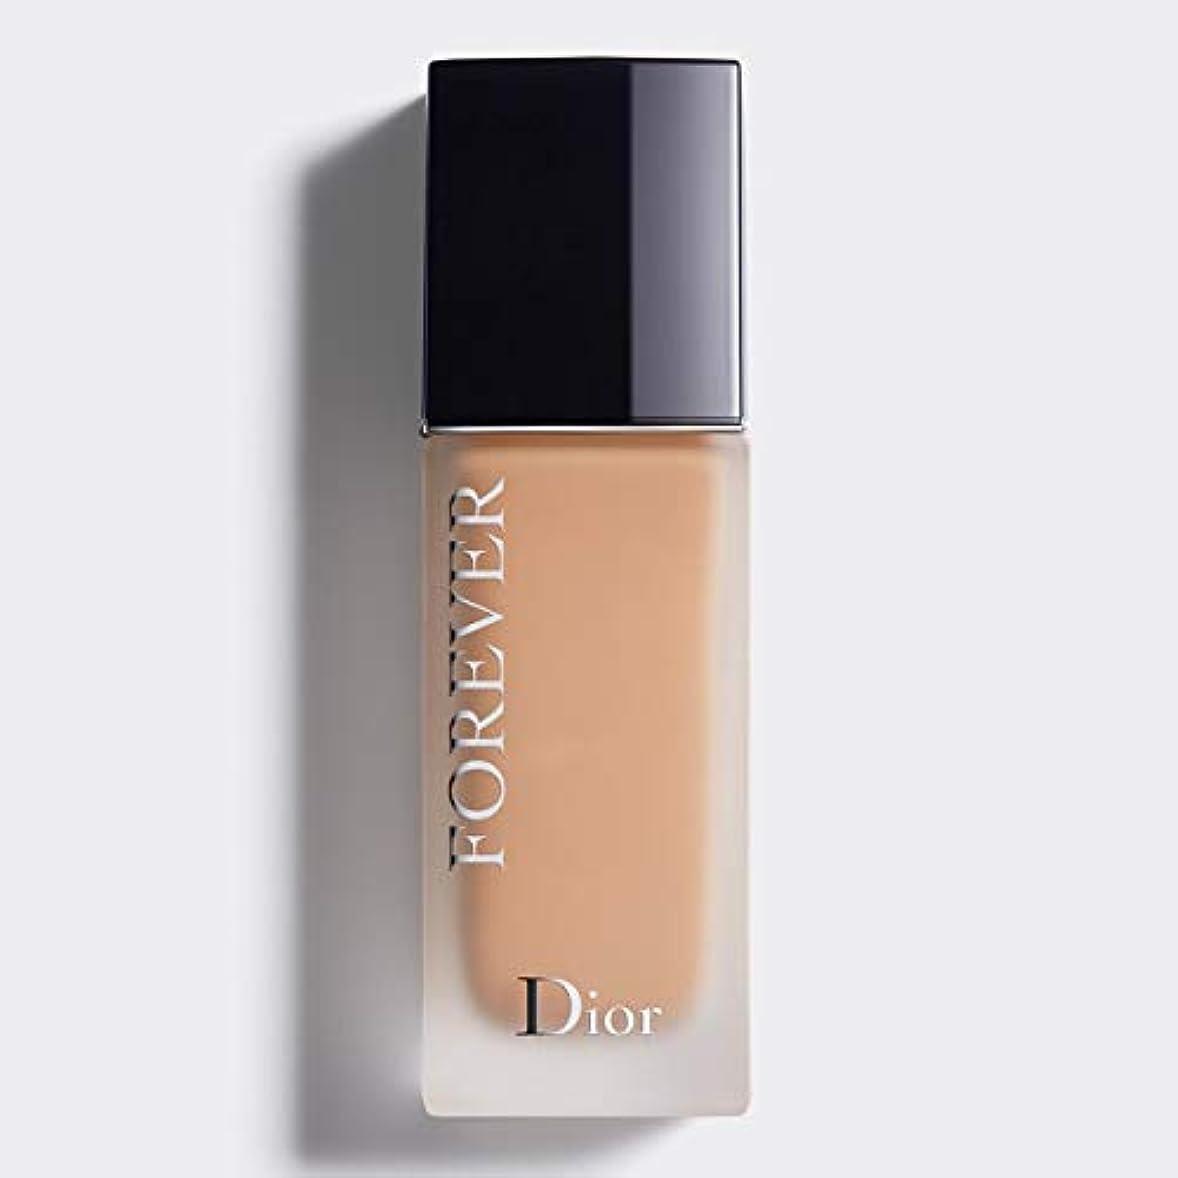 拍手トラフィック子猫クリスチャンディオール Dior Forever 24H Wear High Perfection Foundation SPF 35 - # 3.5N (Neutral) 30ml/1oz並行輸入品